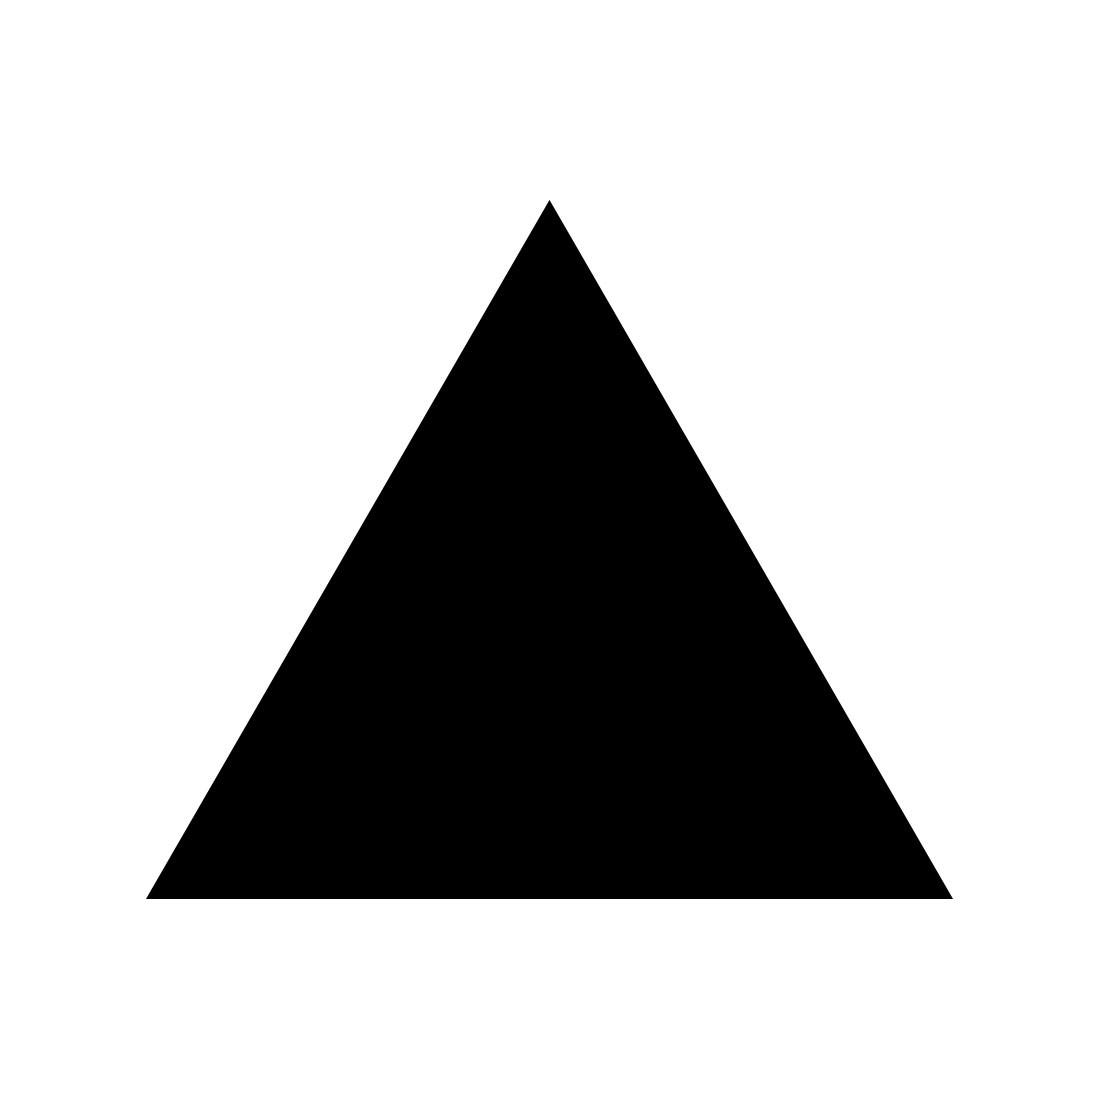 Plexiglas® Zuschnitte - gleichseitige Dreiecke - Acrylglas 3mm glänzend